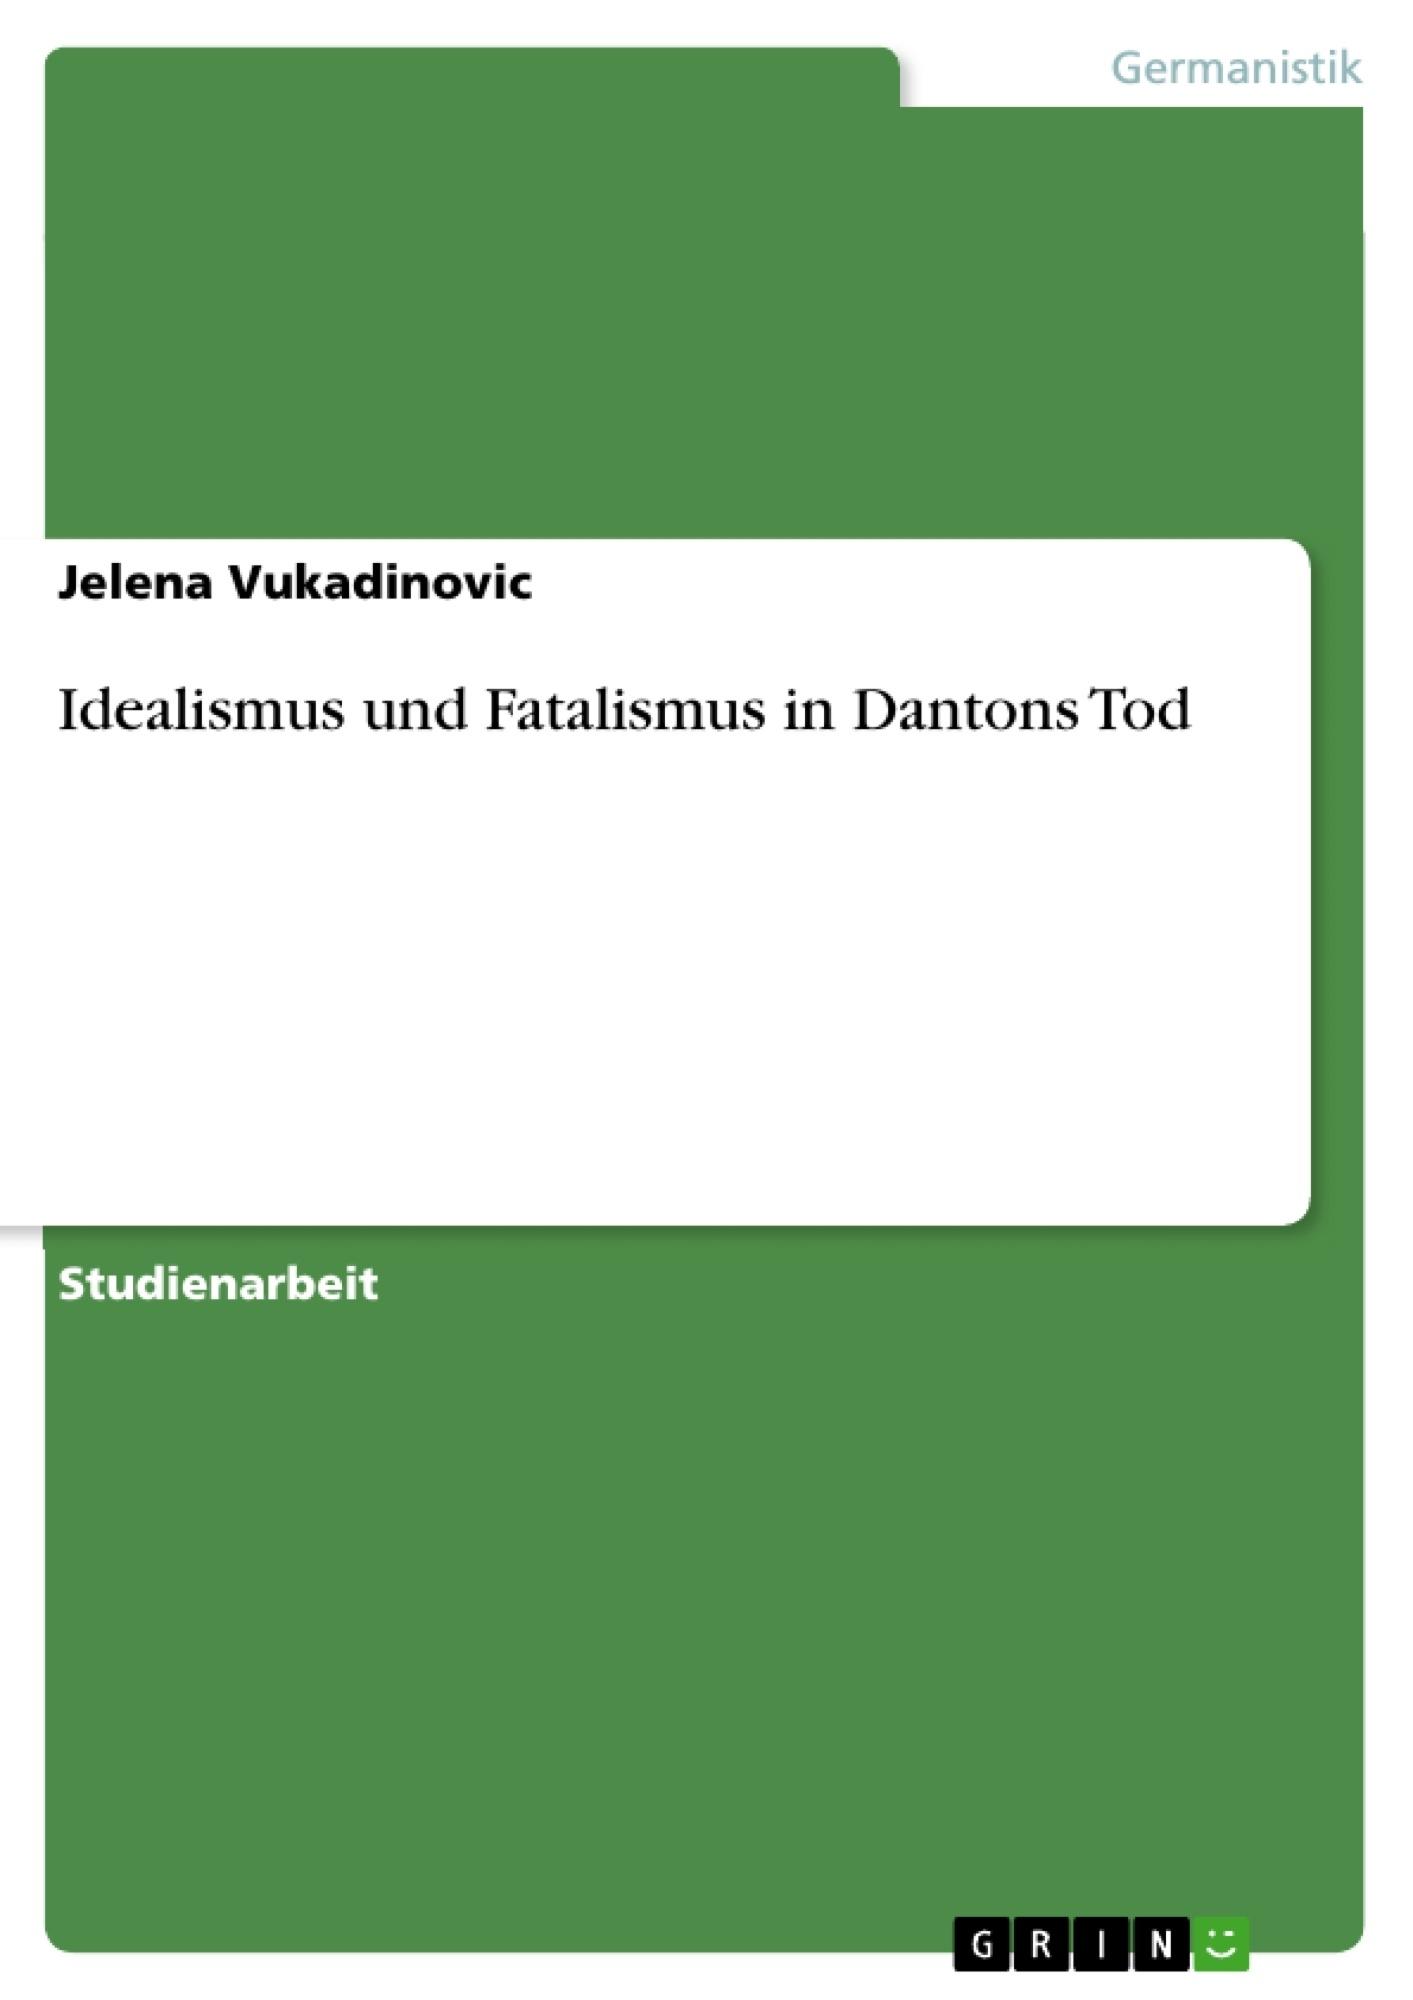 Titel: Idealismus und Fatalismus in Dantons Tod